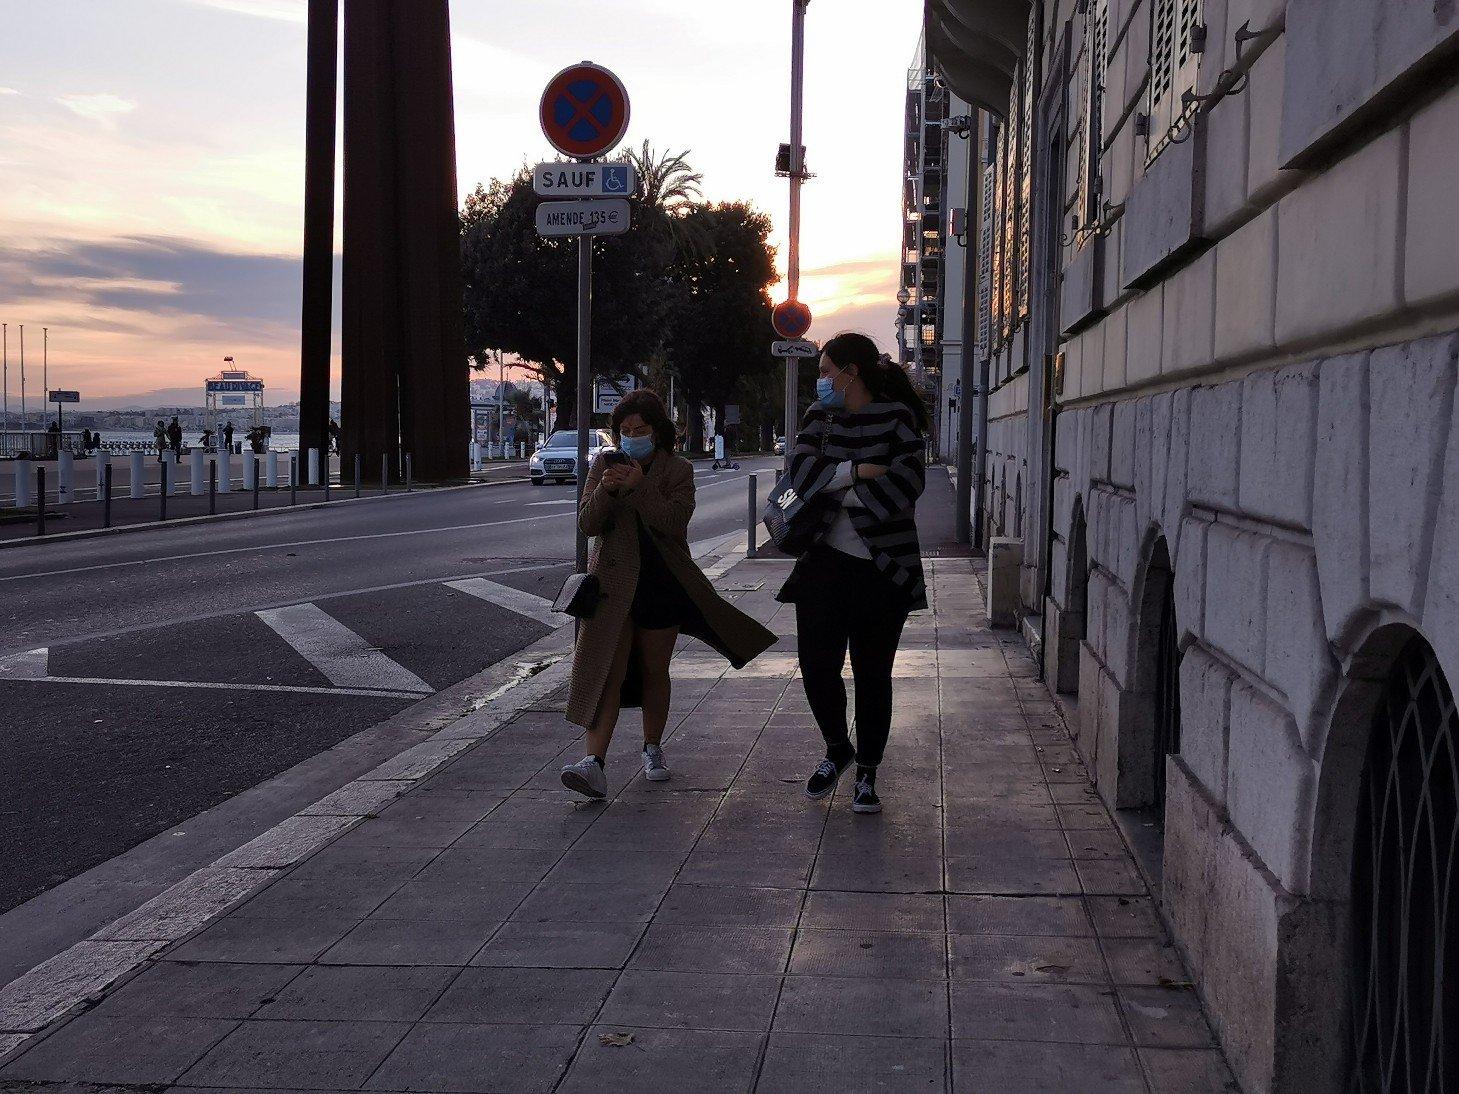 海岸通りでマスクをする人が見られました。